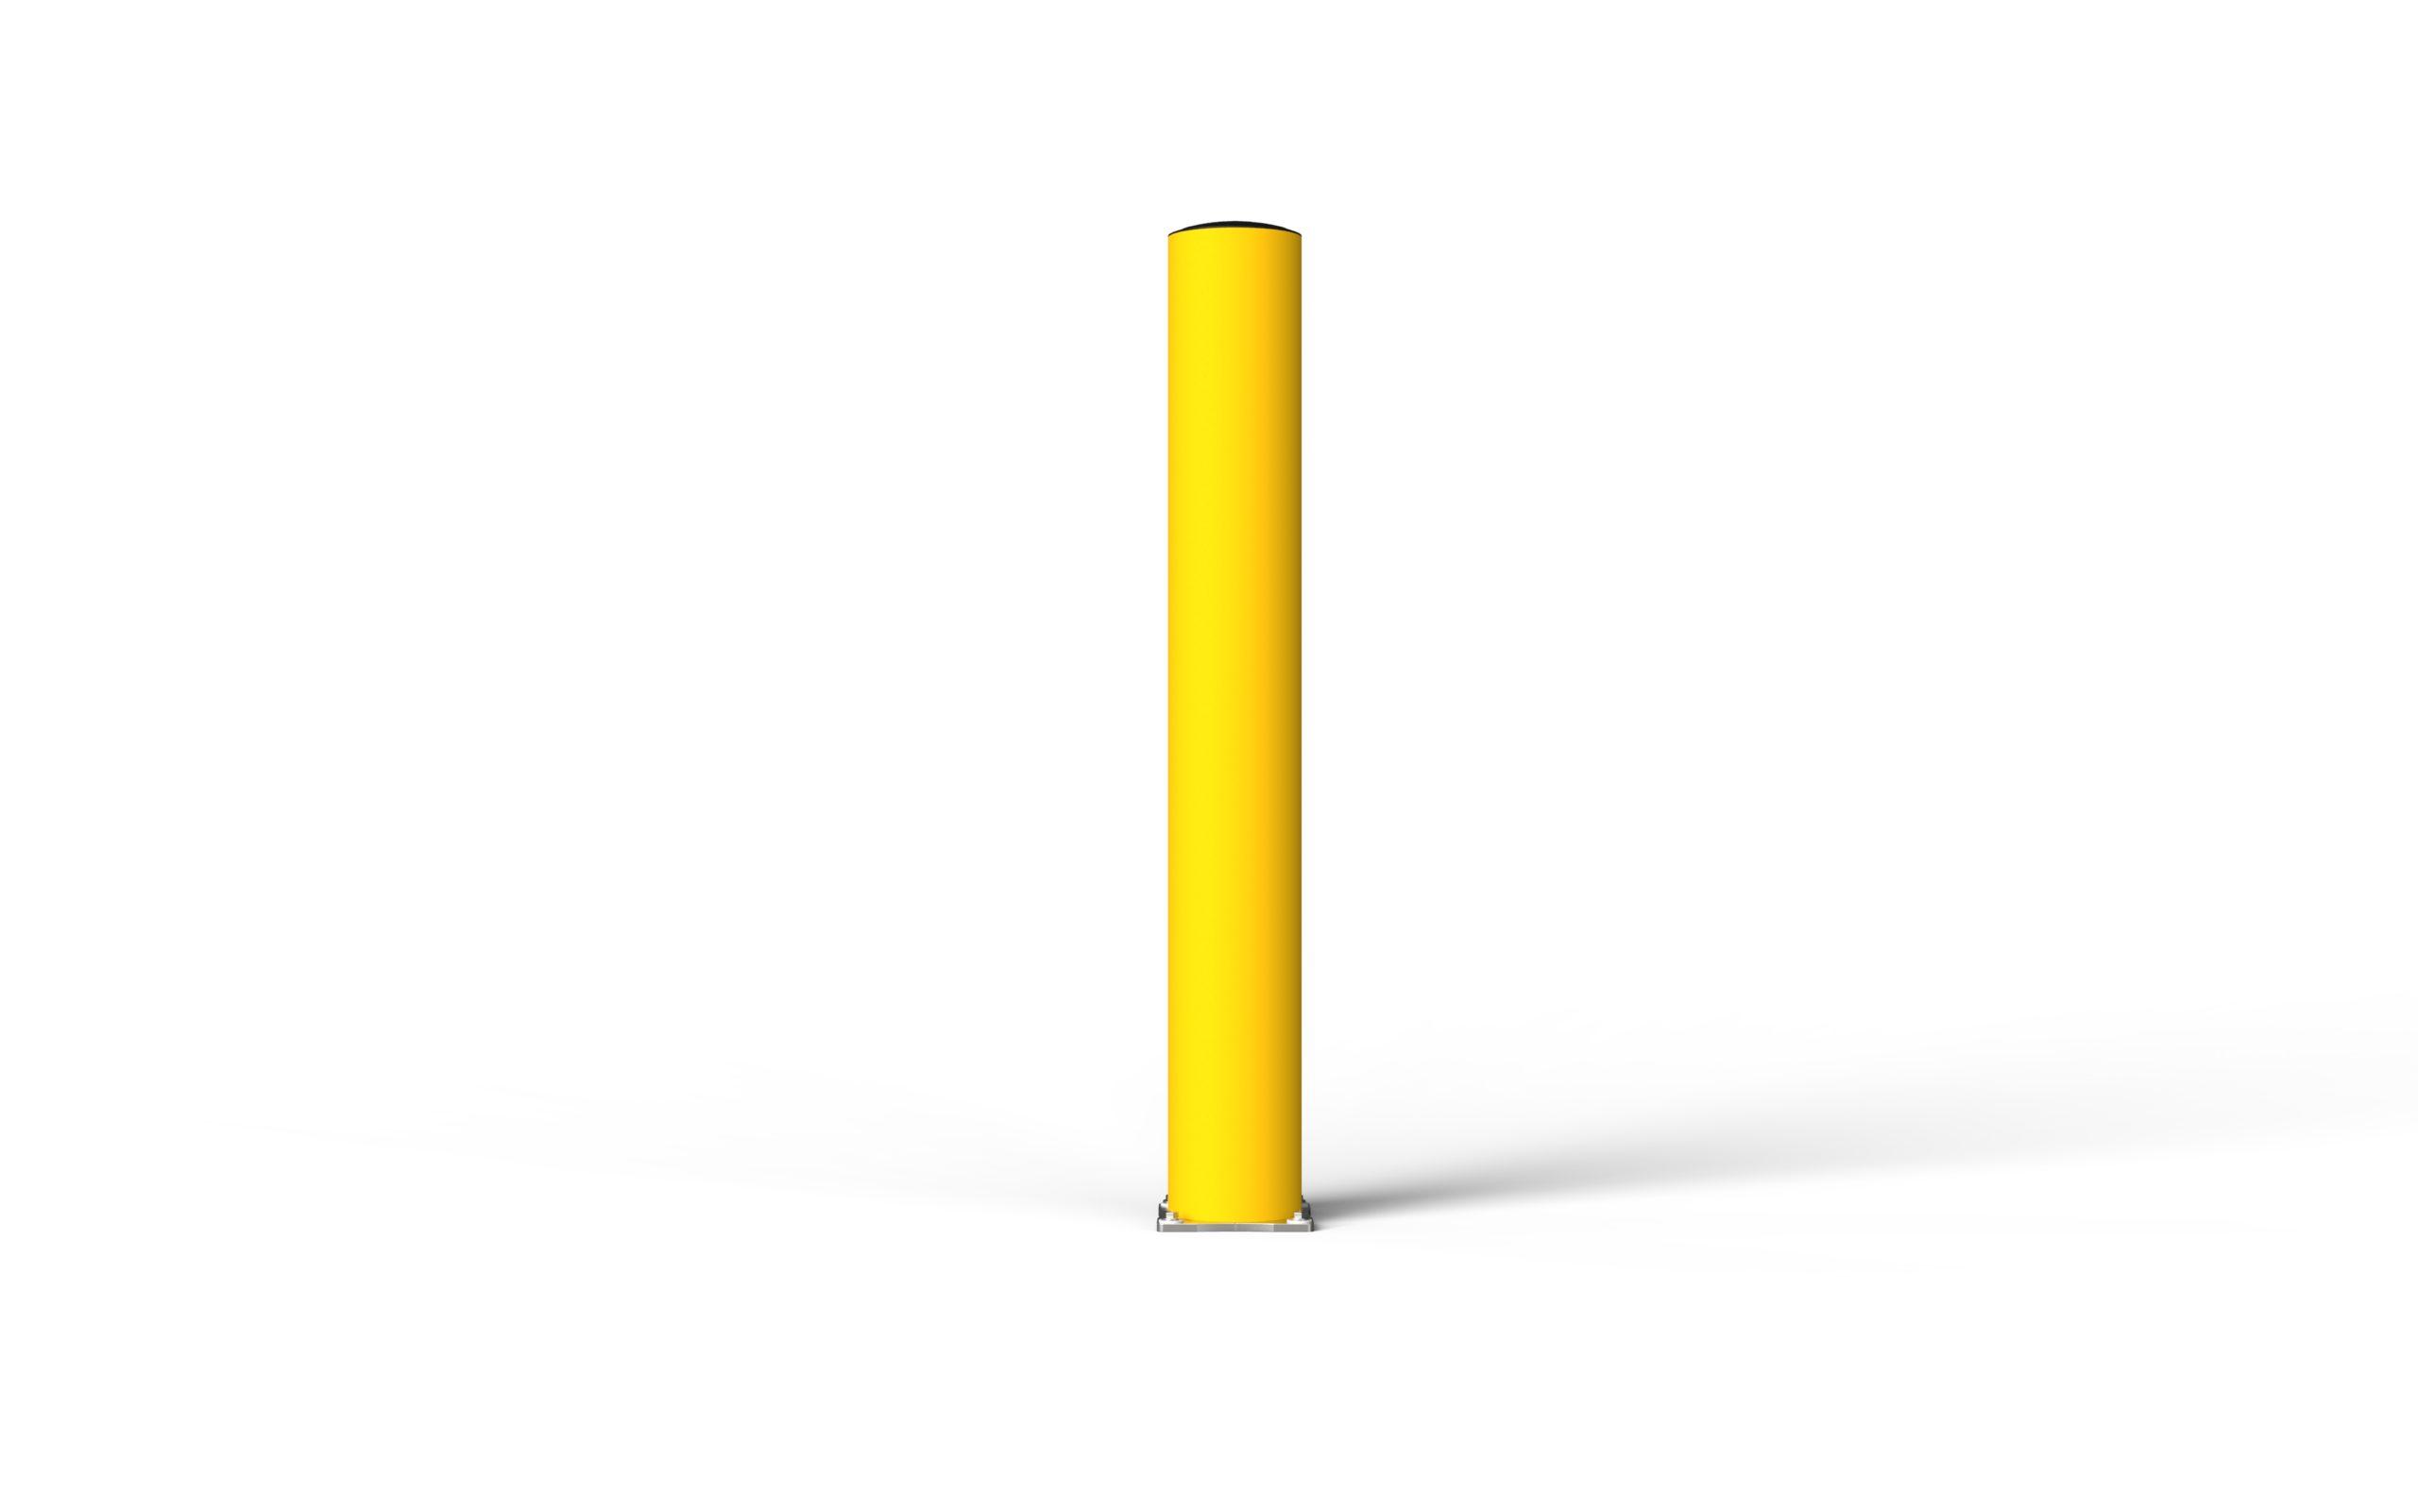 Schutzpoller boplan® BO Impact Ø200 – Höhe 1500 mm – gelb mit Edelstahlbodenplatte